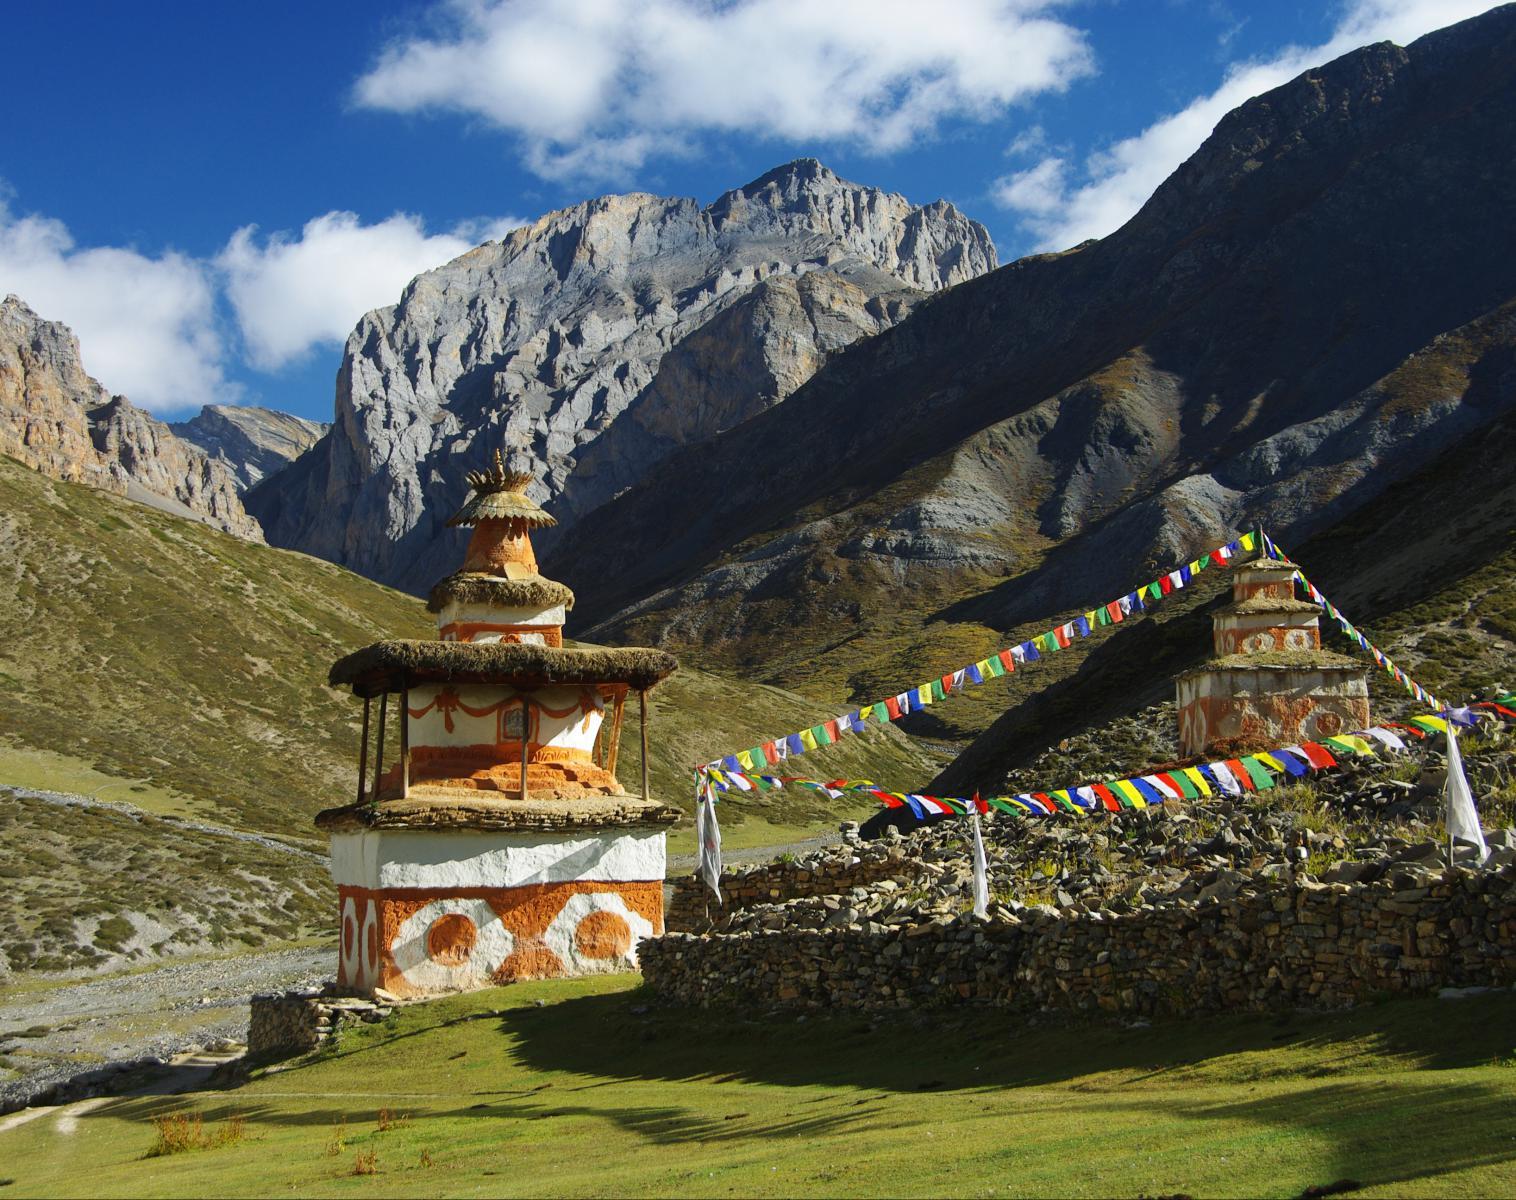 Népal  Du Haut Dolpo au Mustang, la grande traversée   Trek & Randonnée Rencontres et cultures du Monde